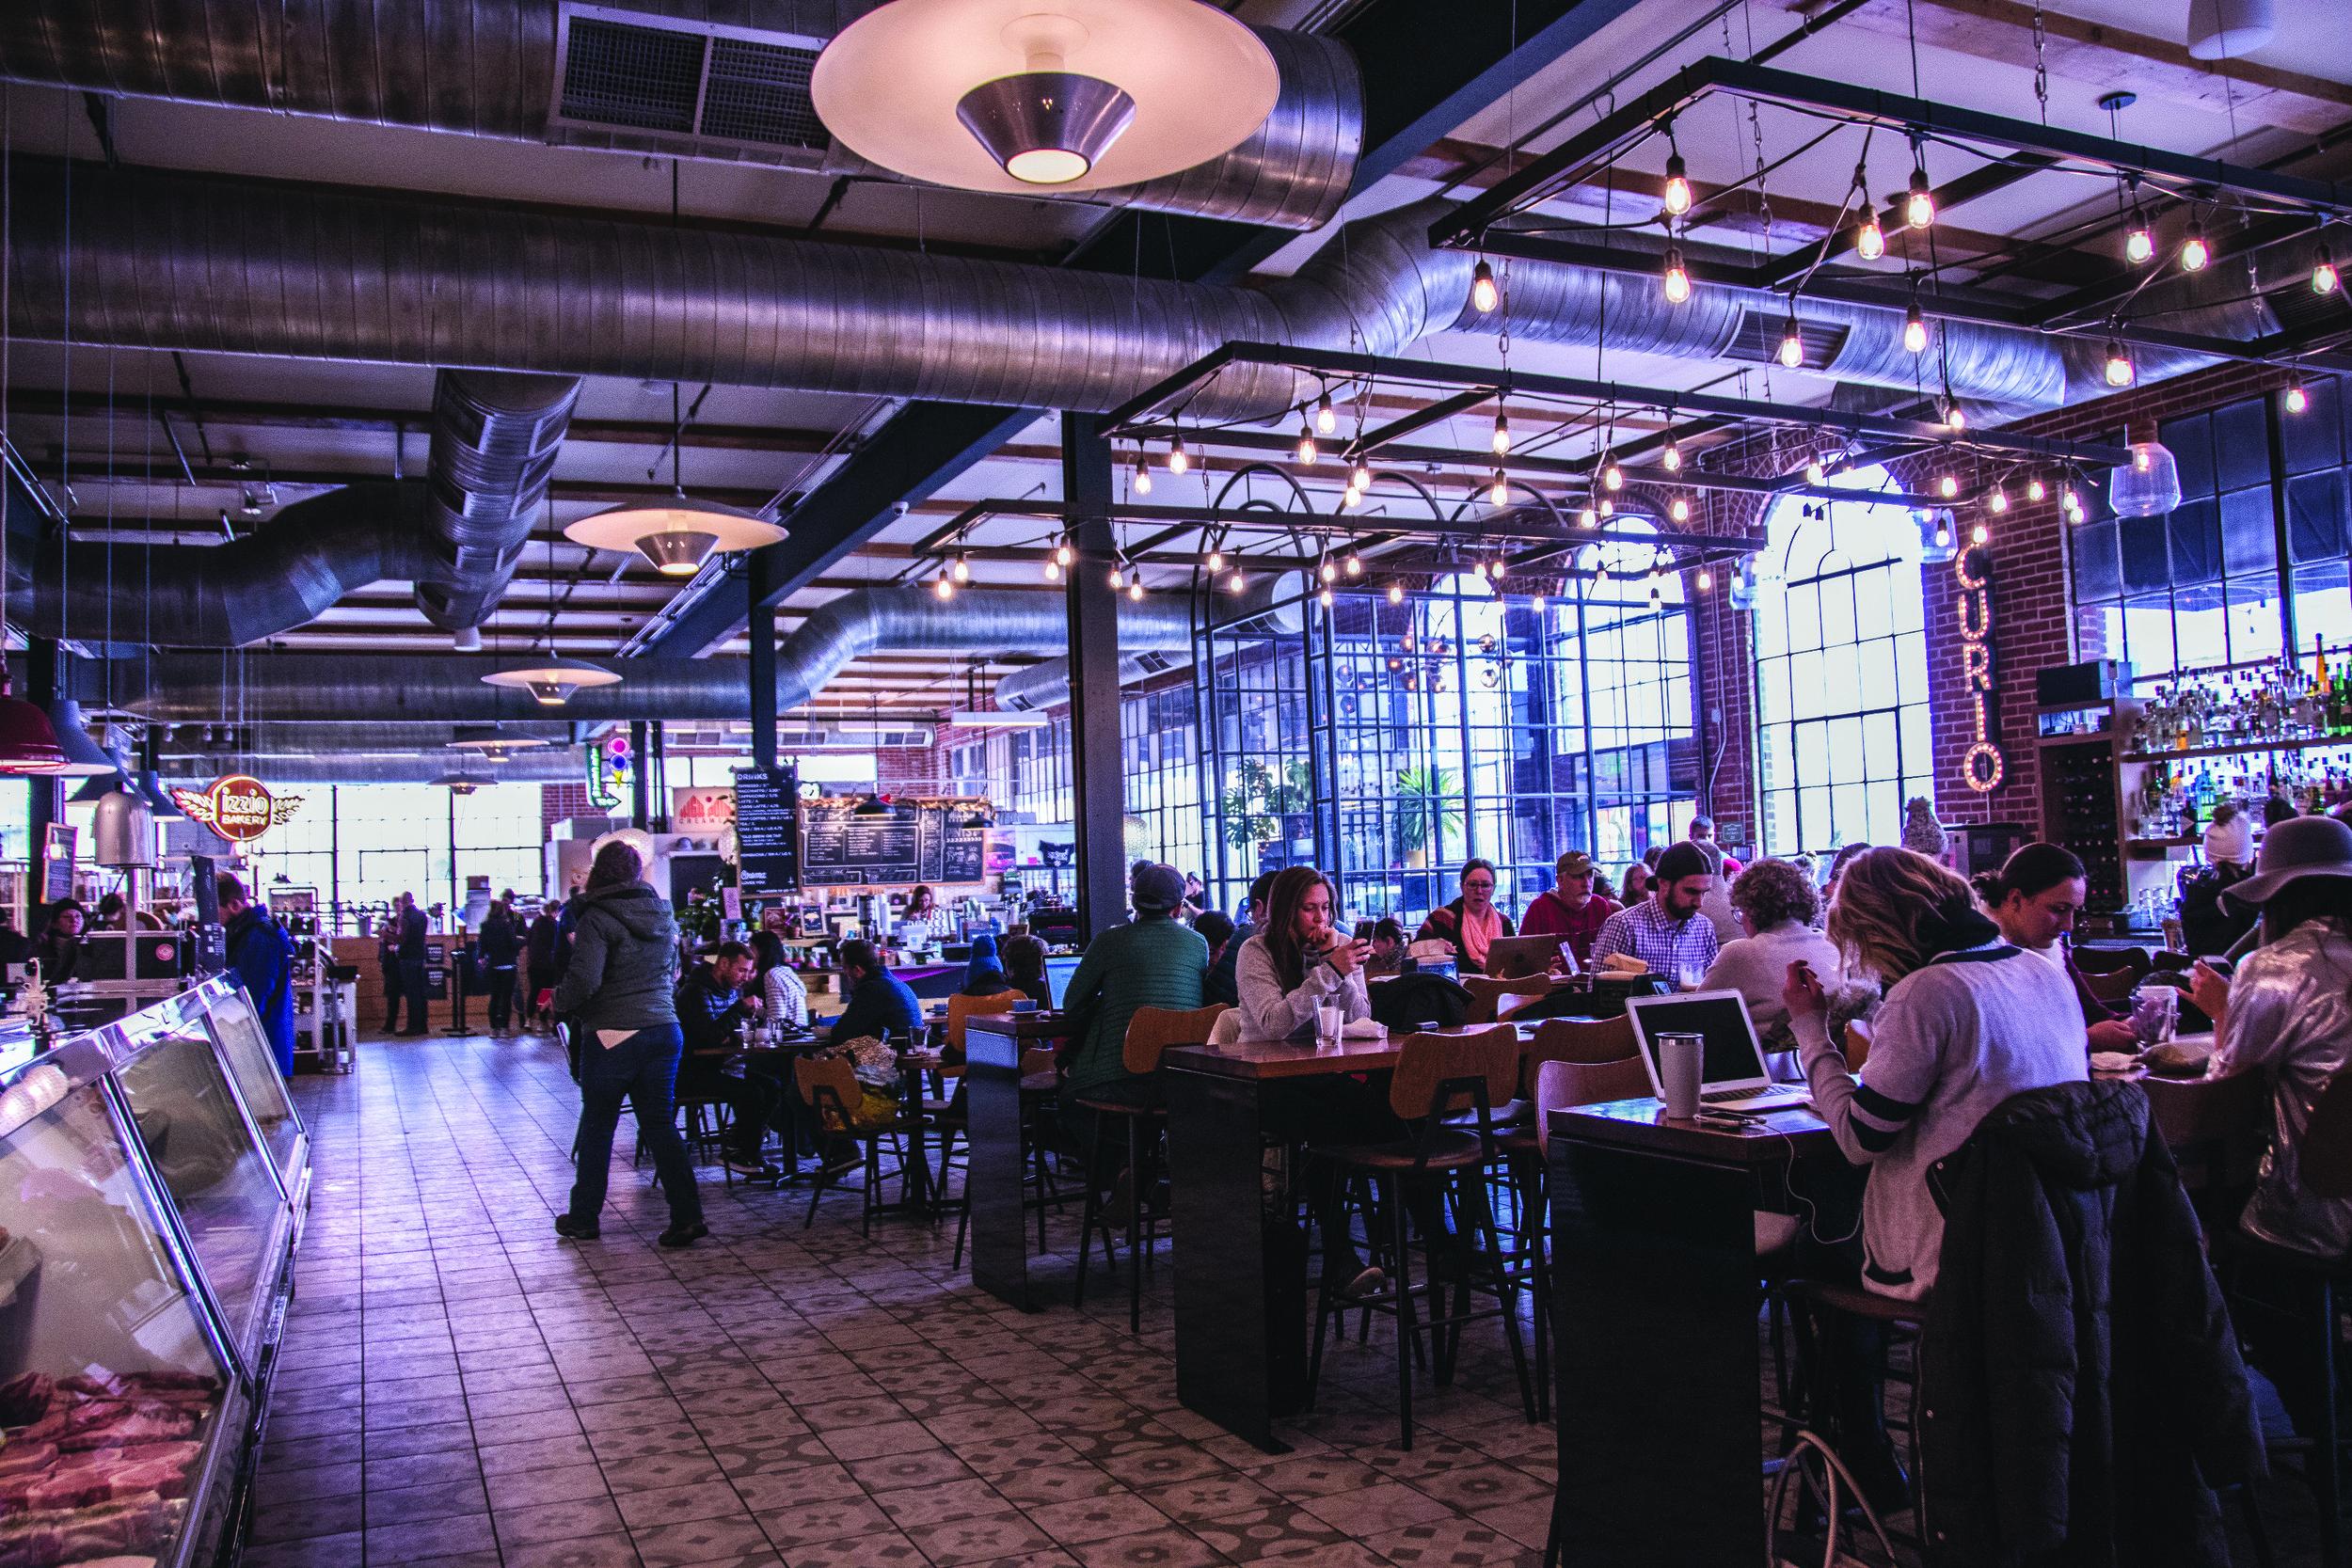 Guests dine, snack, drink and shop at Denver Central Market. Photo: Natasha Lovato